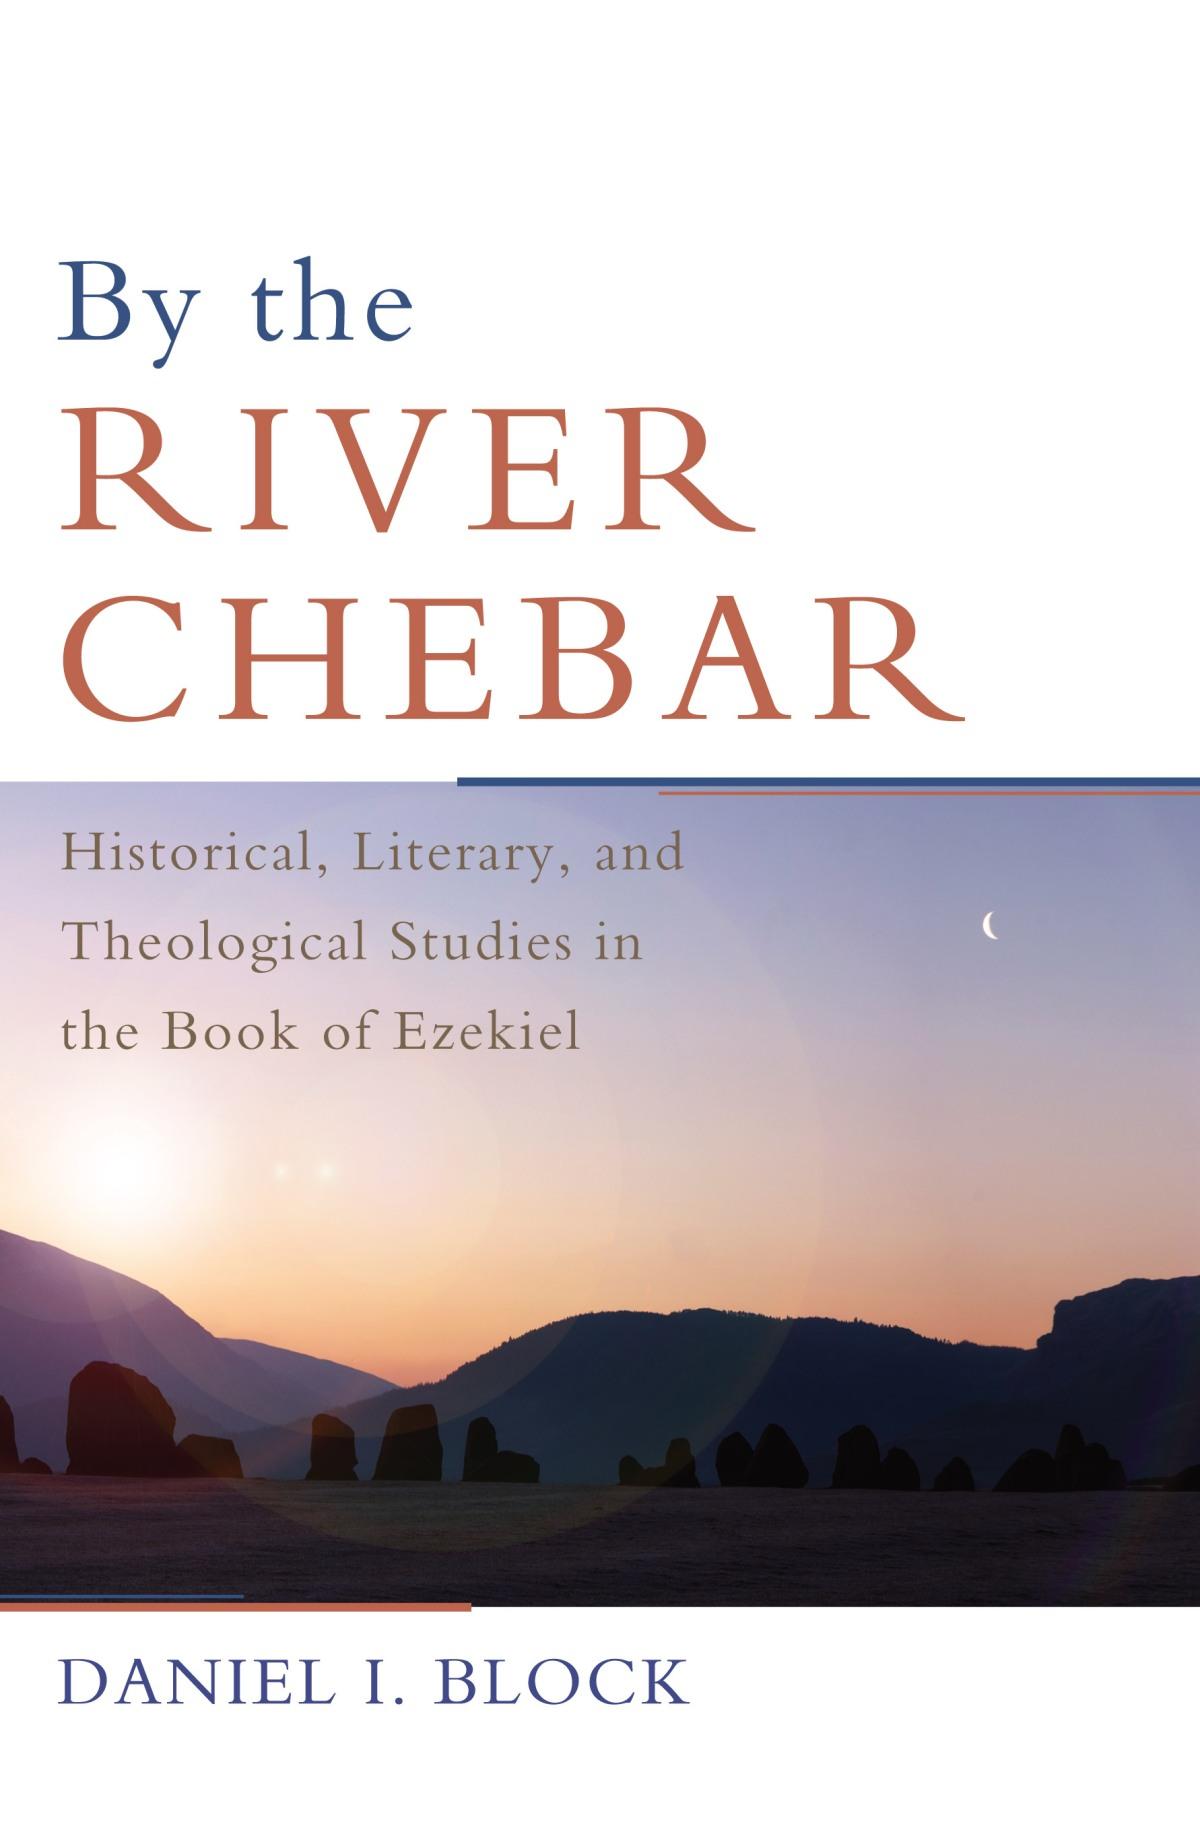 Review: Beyond the RiverChebar